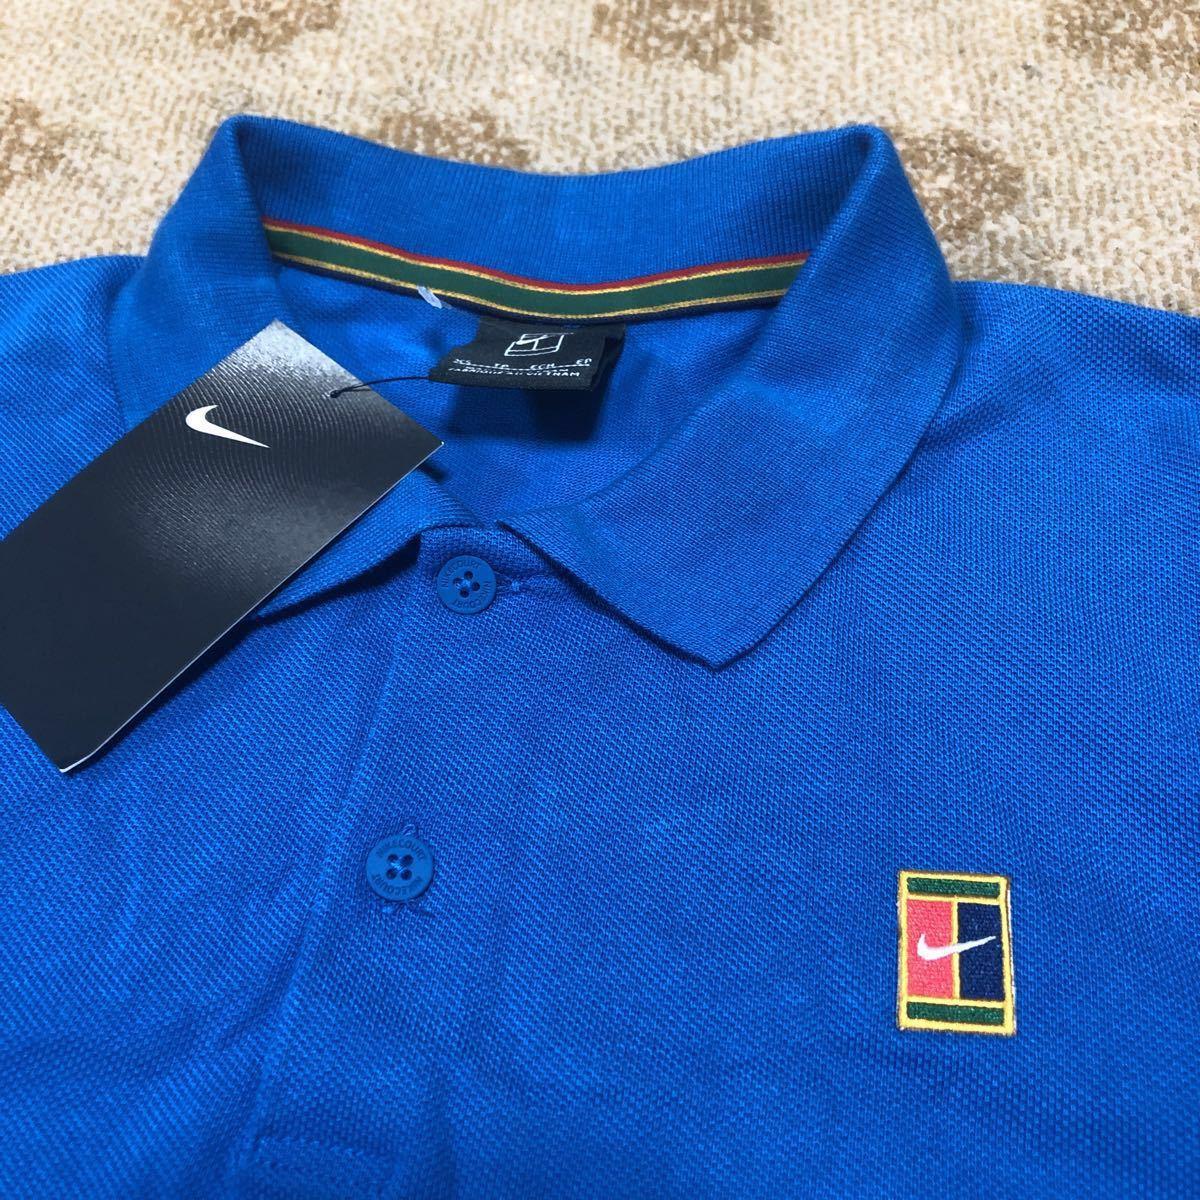 新品 NIKE tennis ナイキ テニス コートロゴ ポロシャツ メンズUSサイズXS 日本サイズS スリムフィット